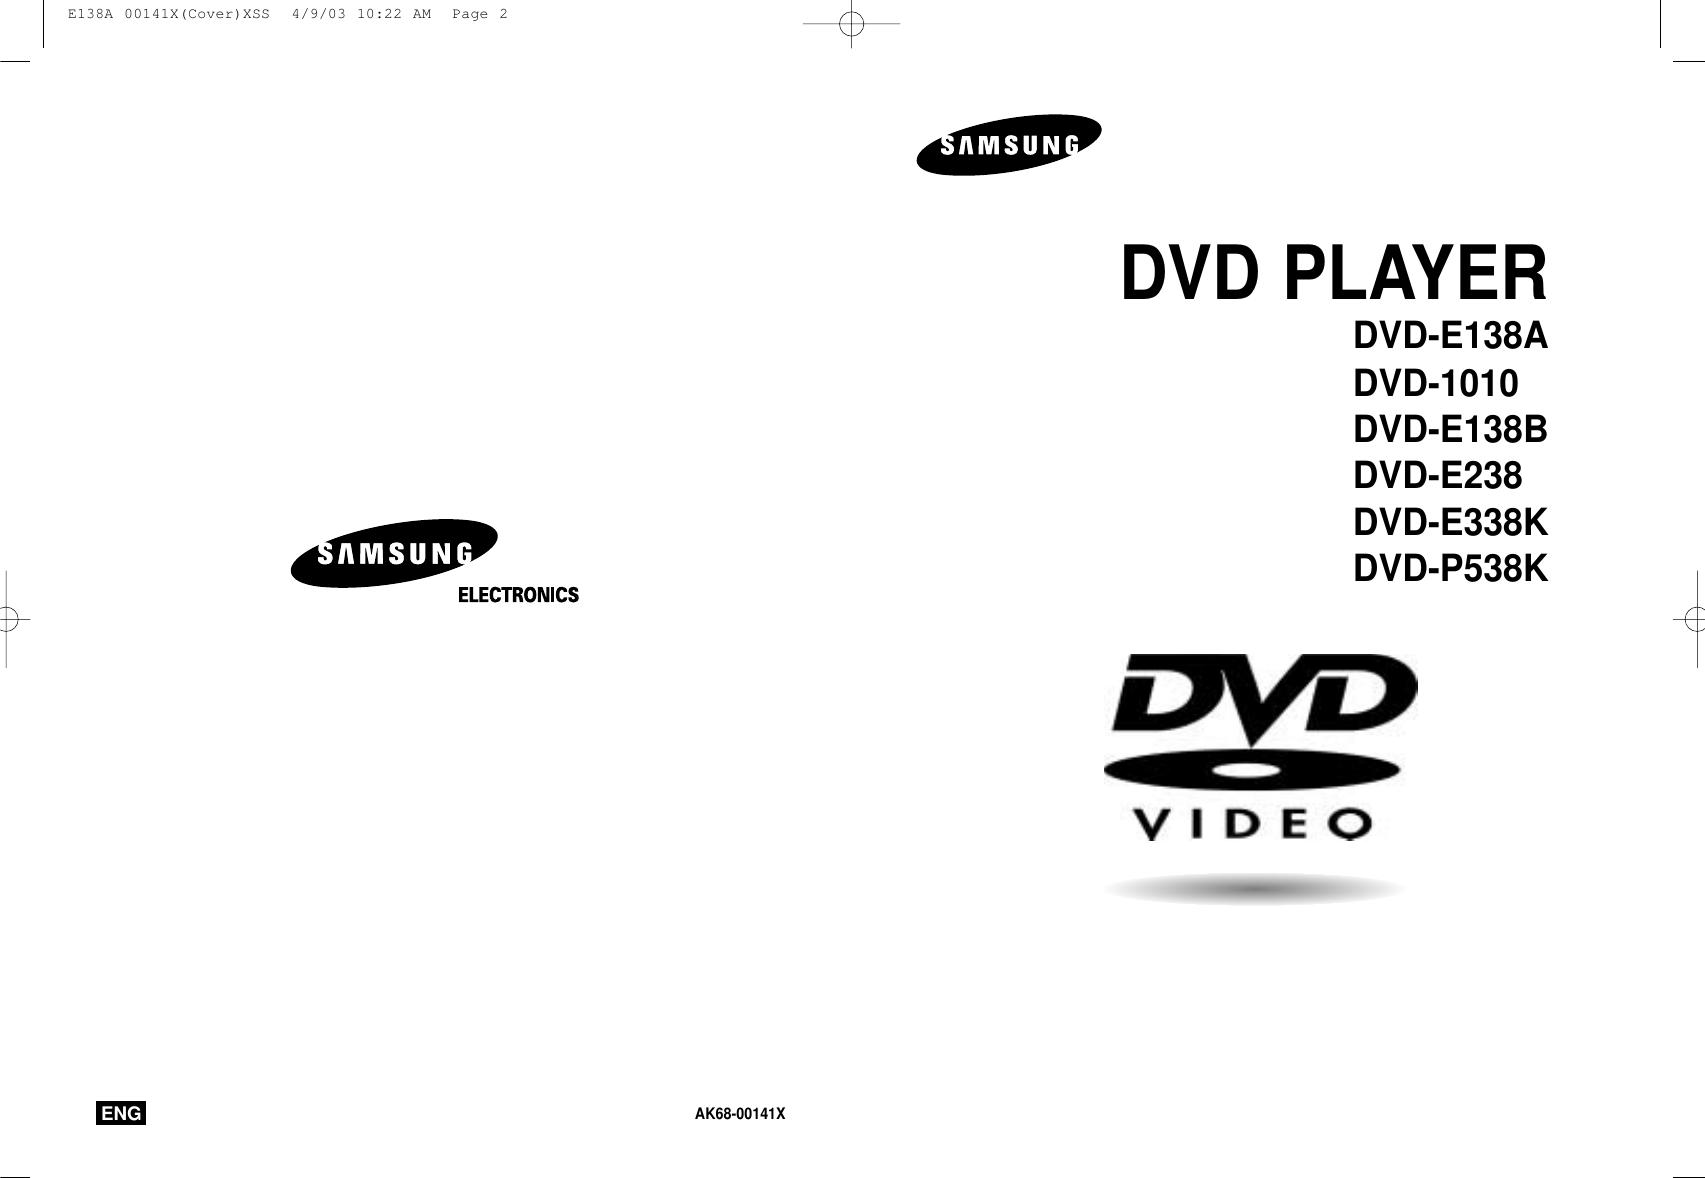 Samsung DVD E138A 20030417110056140 E138Axss ENG